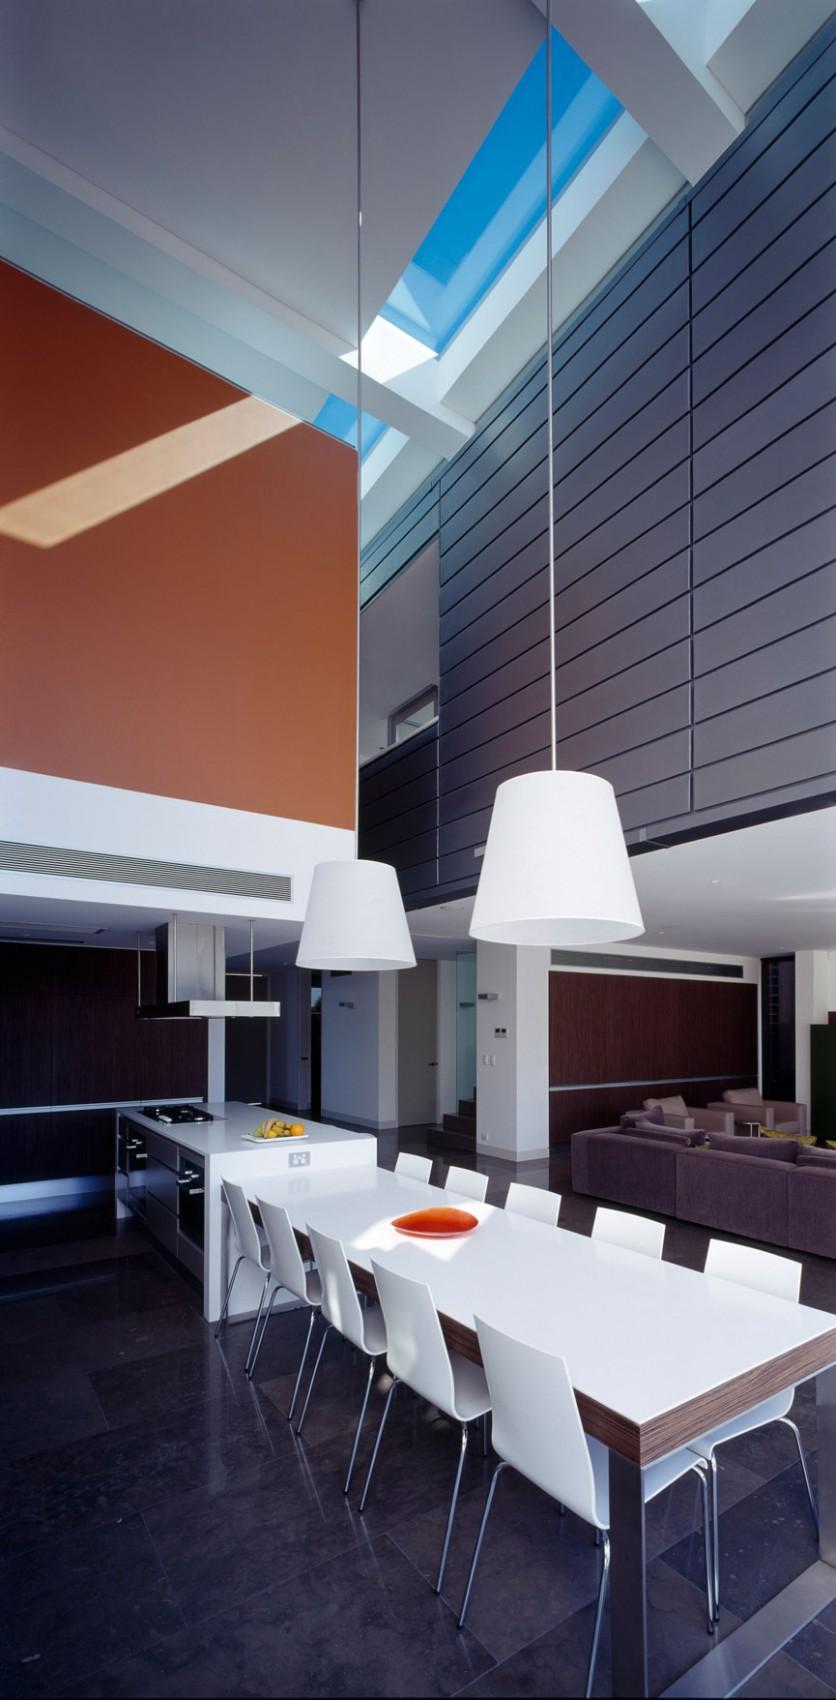 Architetturedinterni-Raffinato-stile-urbano-a Sydney-11